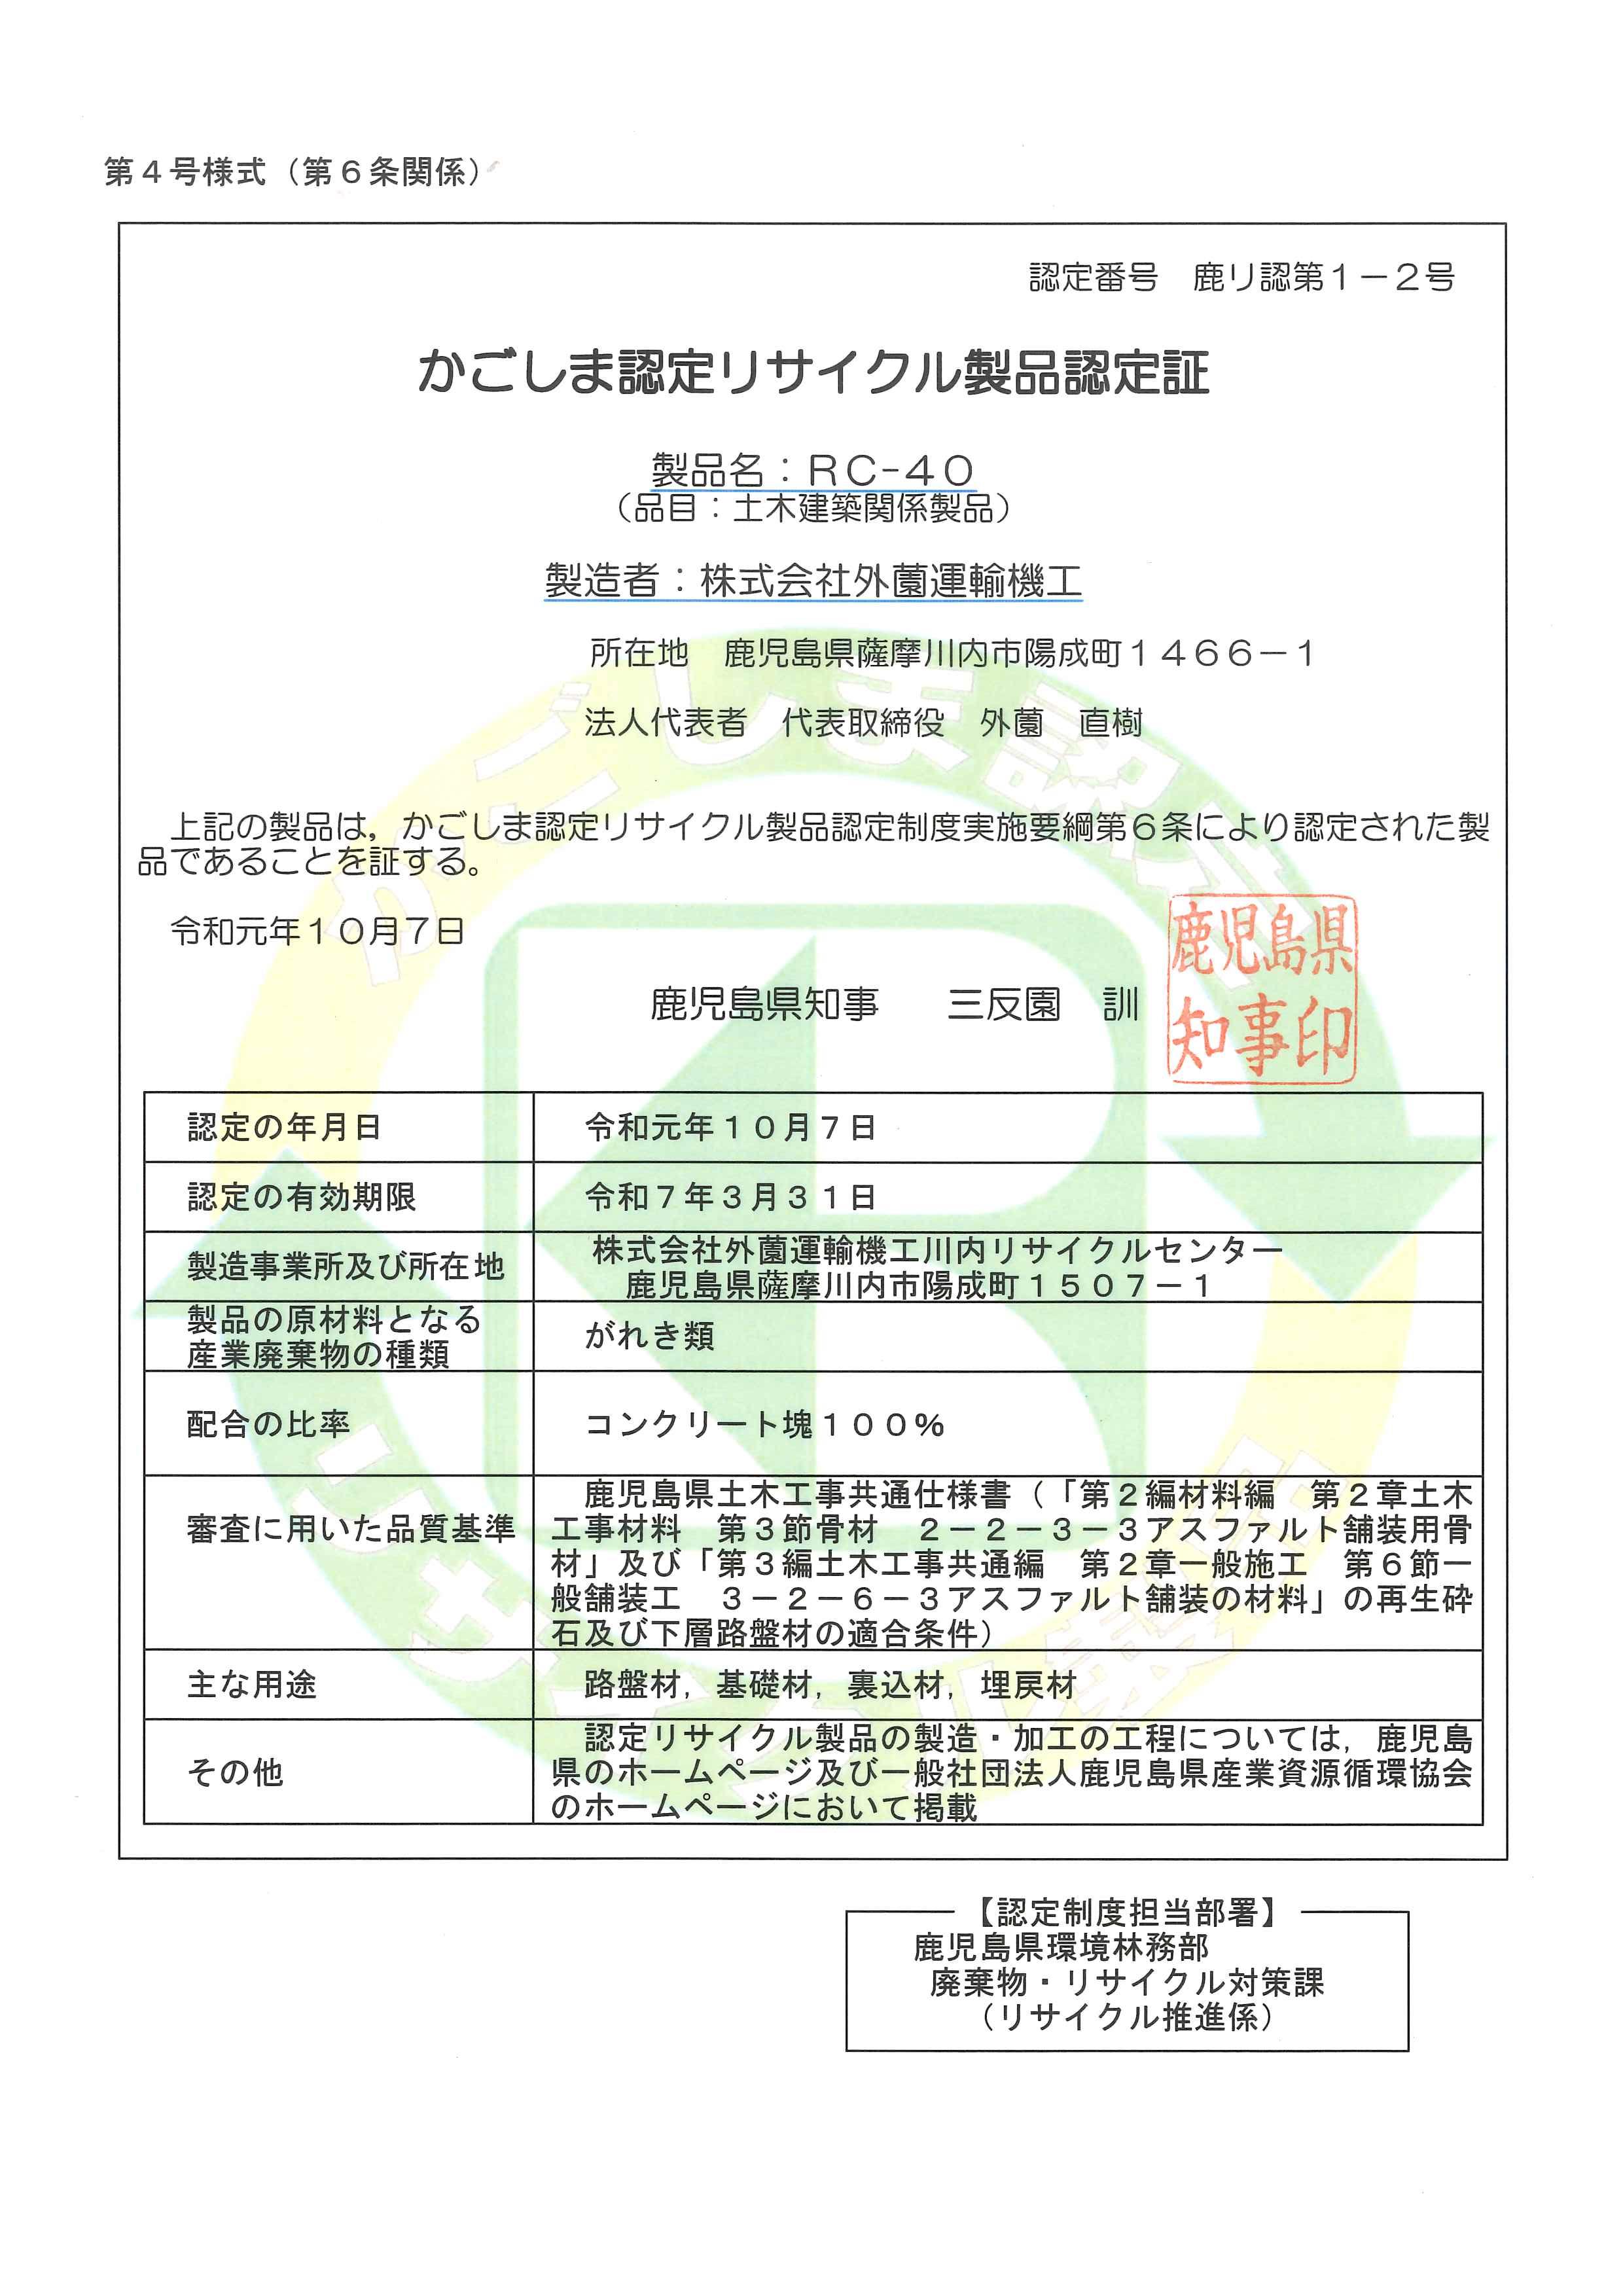 再生砕石(RC-40)製品認定書